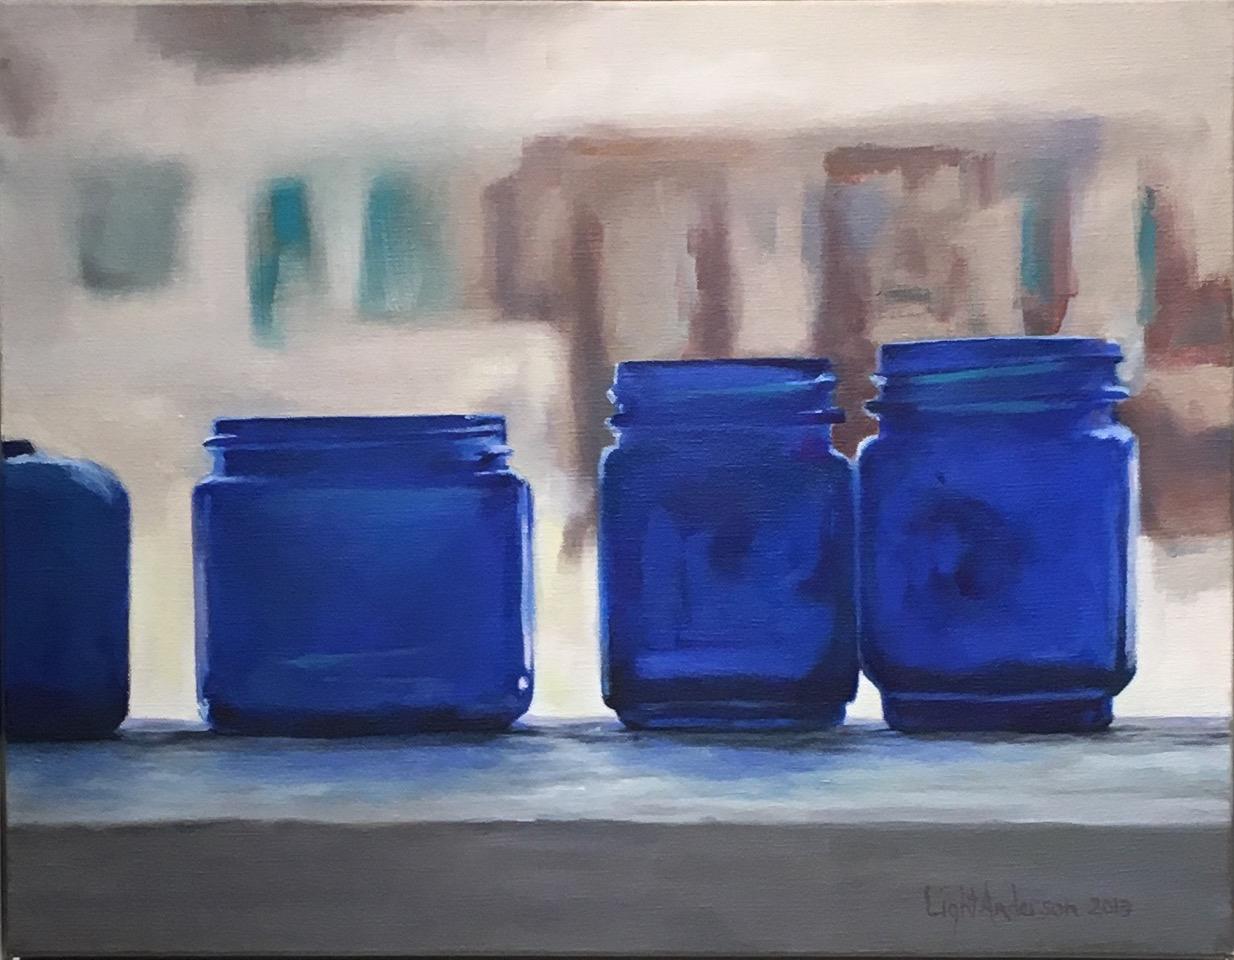 Blue Jars on Railing